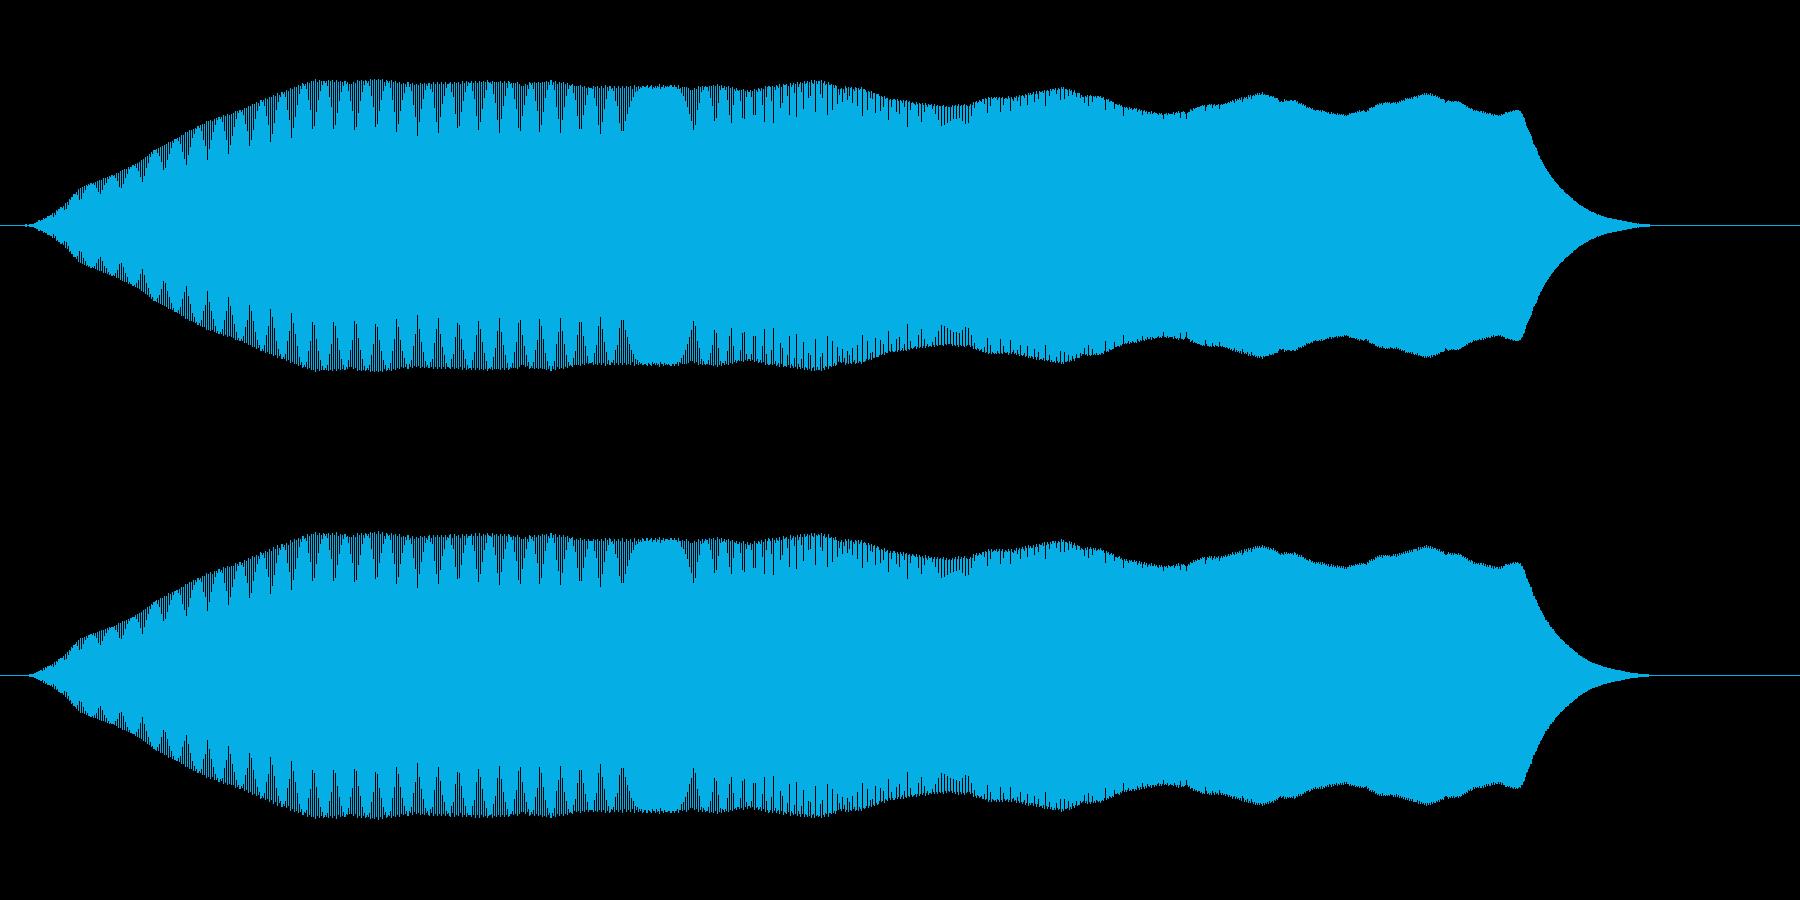 プワーム(弛緩した落下音、または疑問)の再生済みの波形